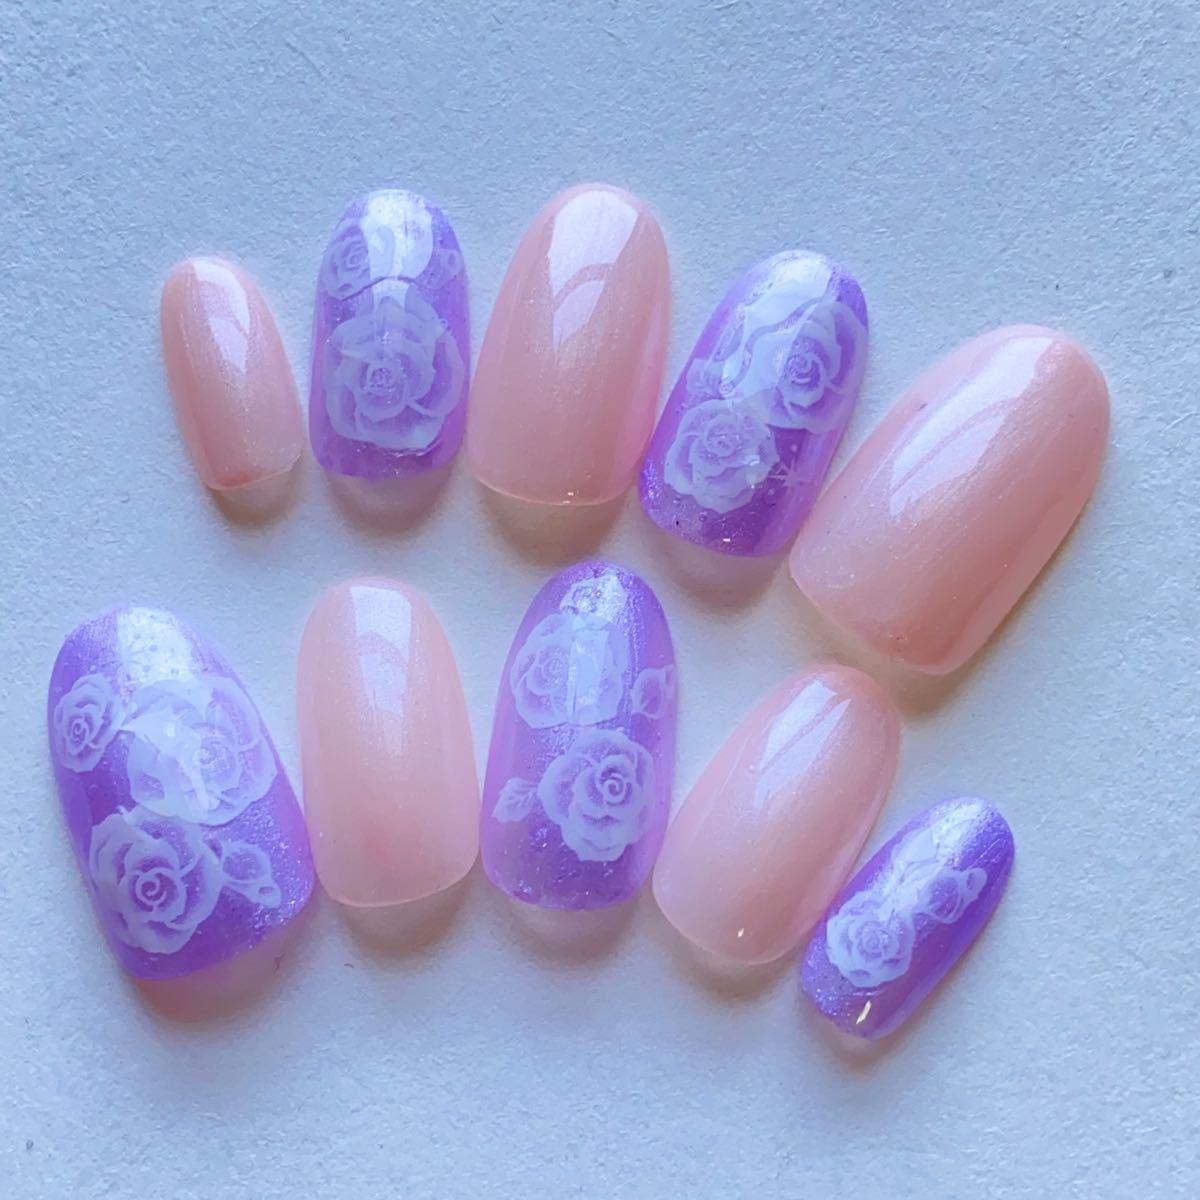 ジェルネイル ピンクパープルベース薔薇ネイルチップ